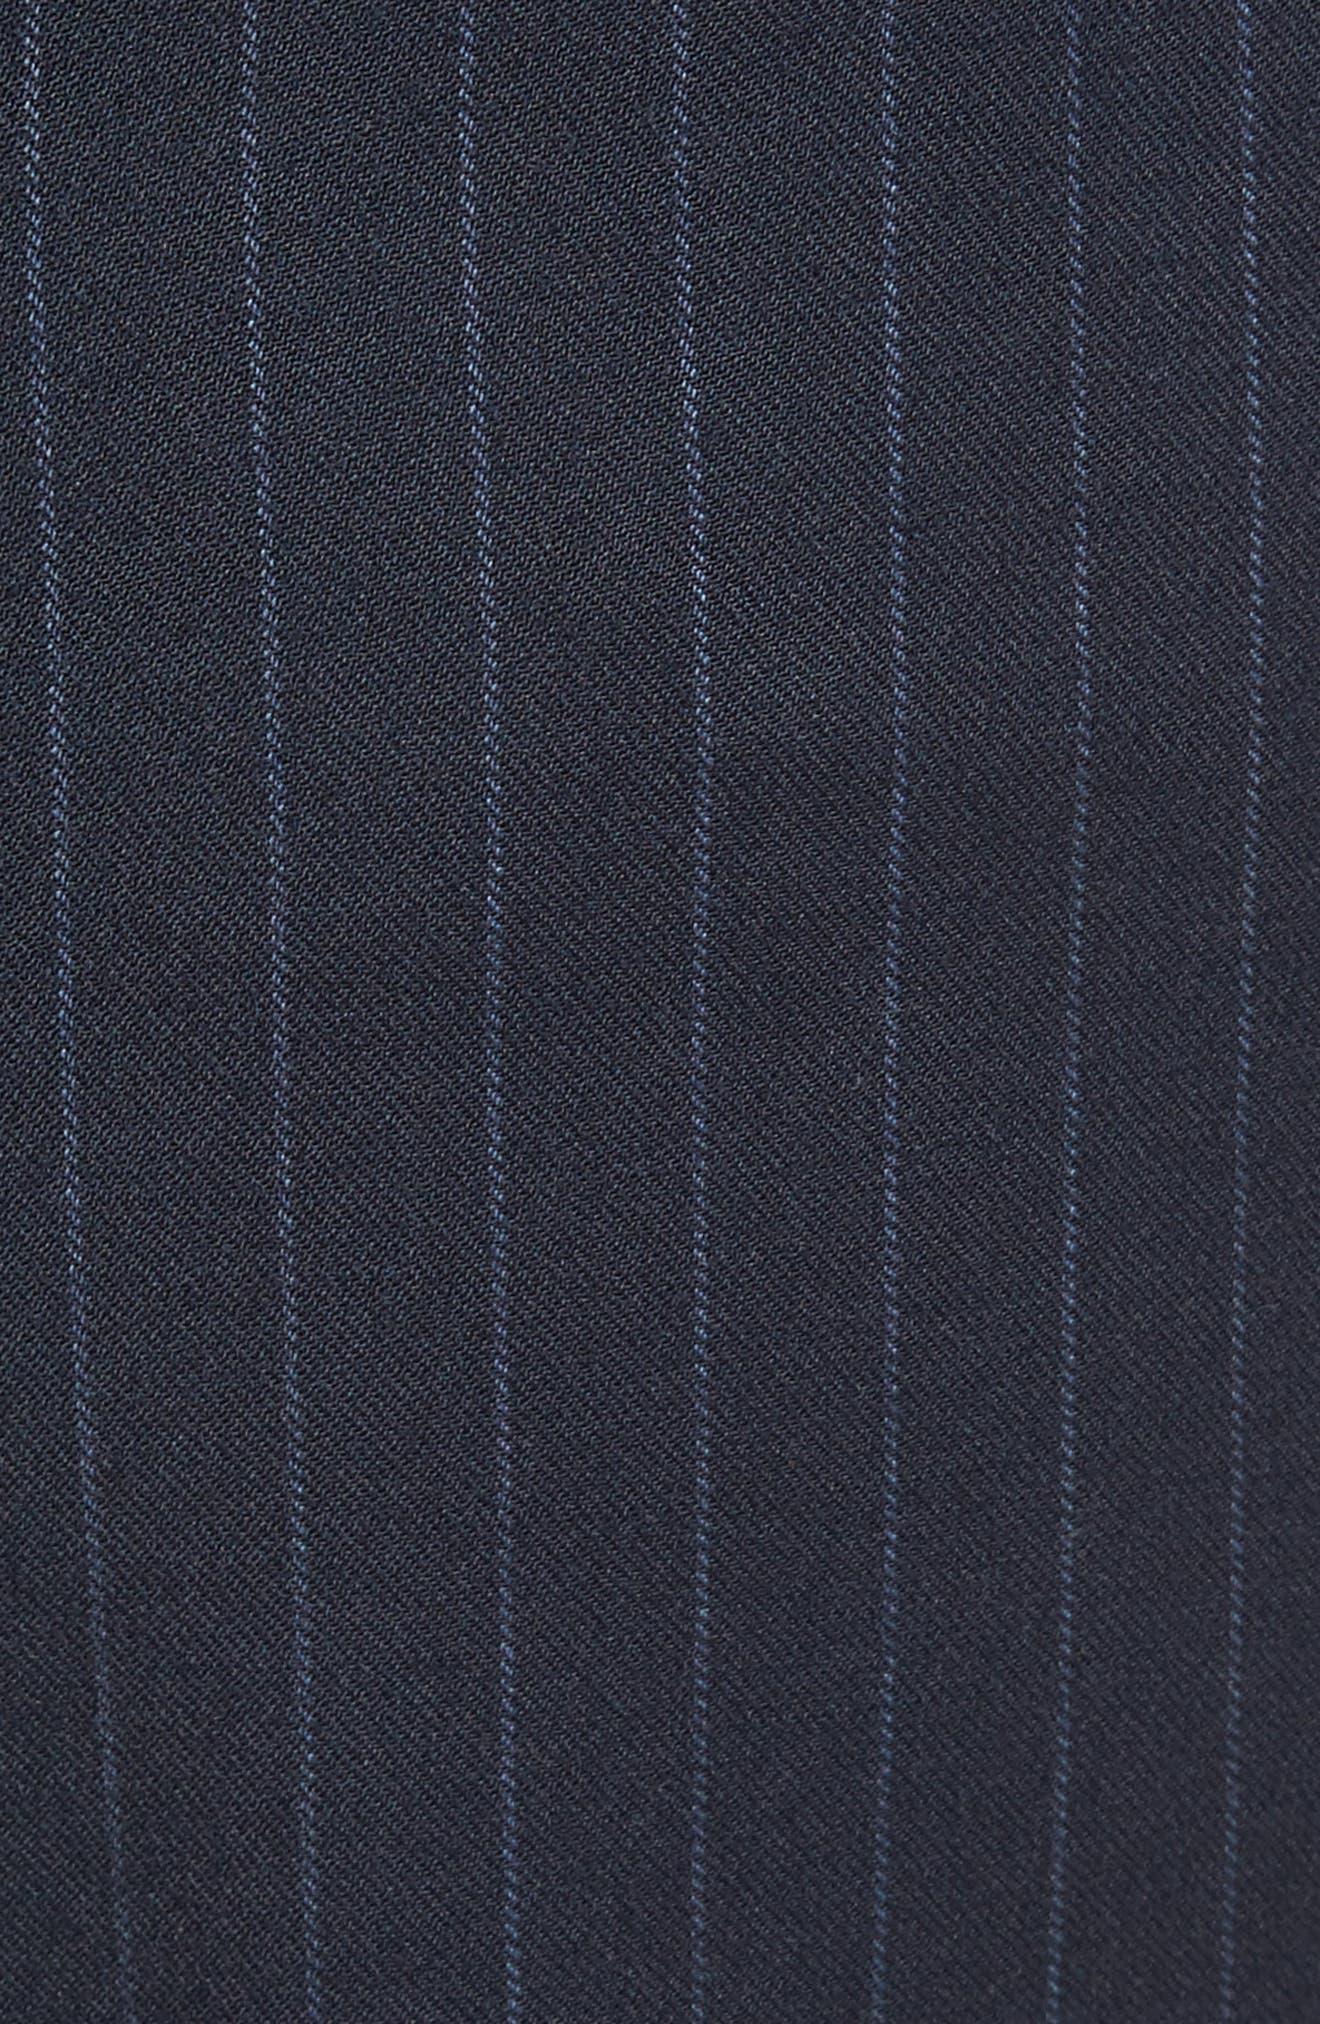 Delmont Bootcut Pants,                             Alternate thumbnail 6, color,                             Navy/ Cobalt